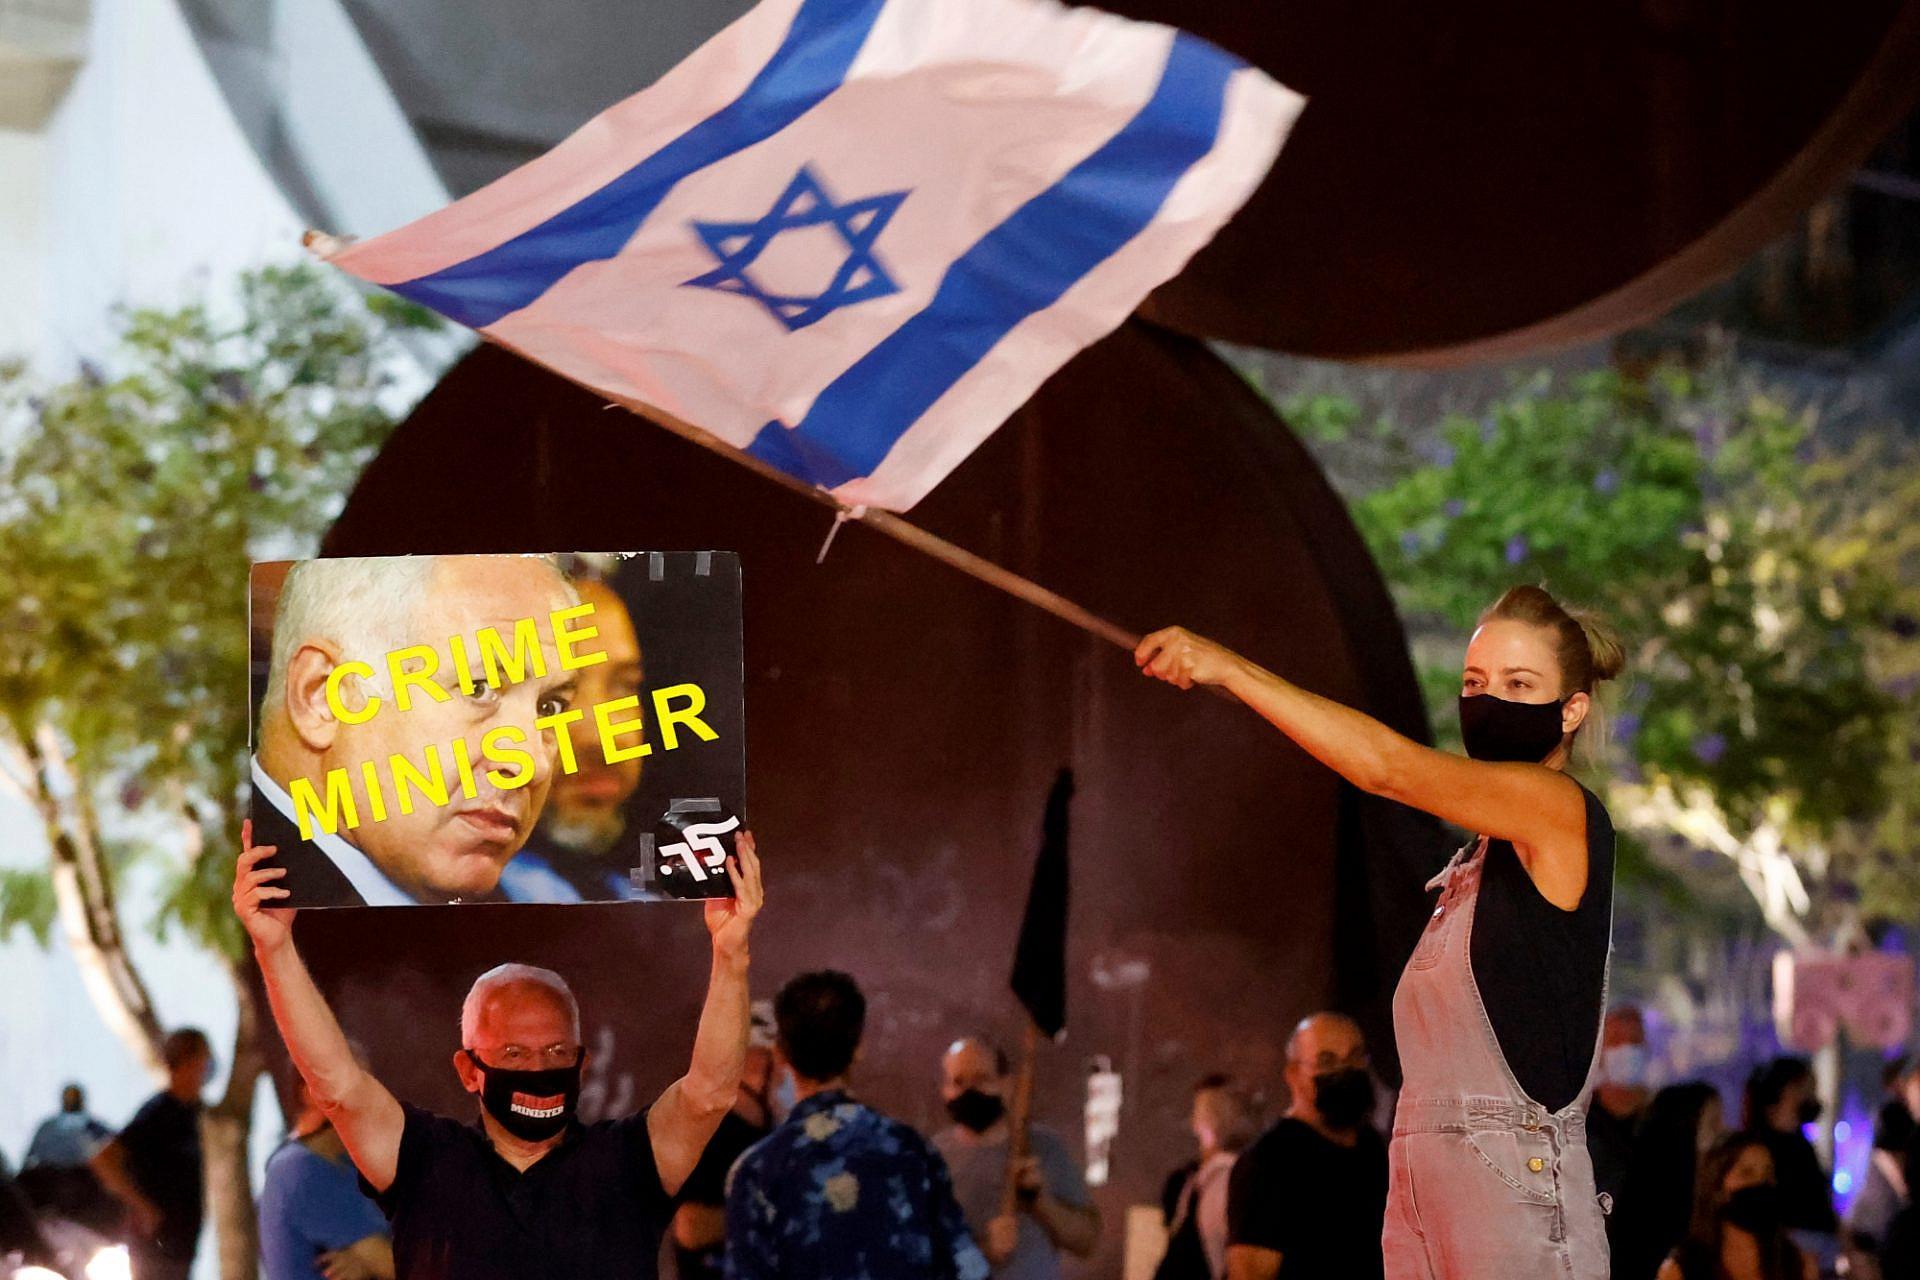 """תודה ביבי, הוצאת אותנו מהבית. מפגינים בכיכר הבימה, מוצ""""ש (צילום: ג'ק גואז\גטי אימג'ס)"""